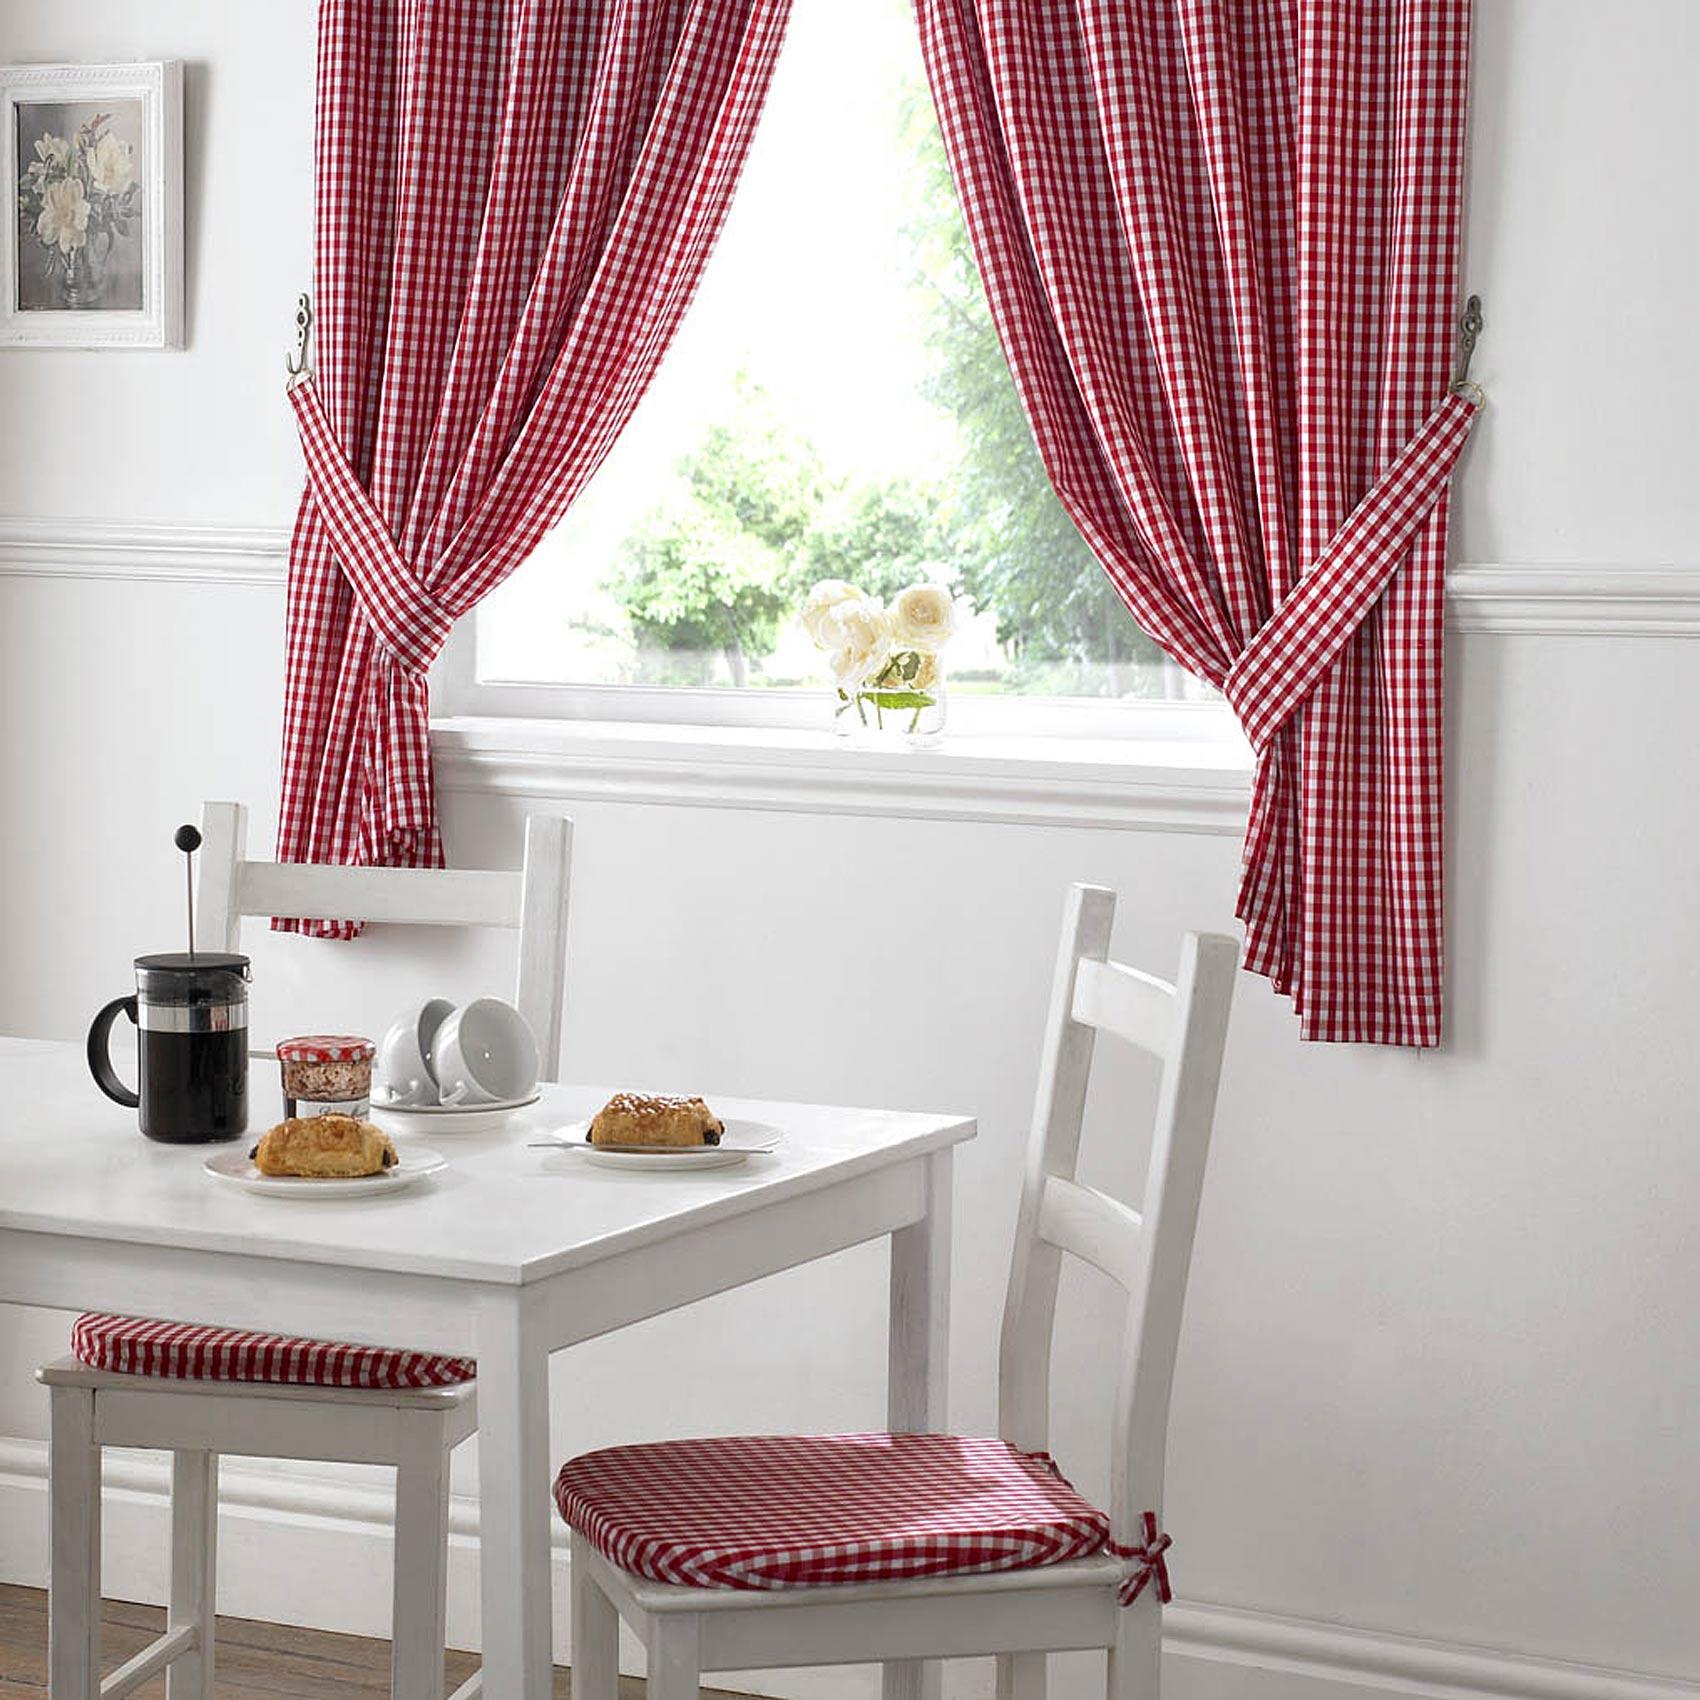 Чтобы кухня выглядела более гармонично можно шторы и, например, подушки на стулья выполнить из одного материала